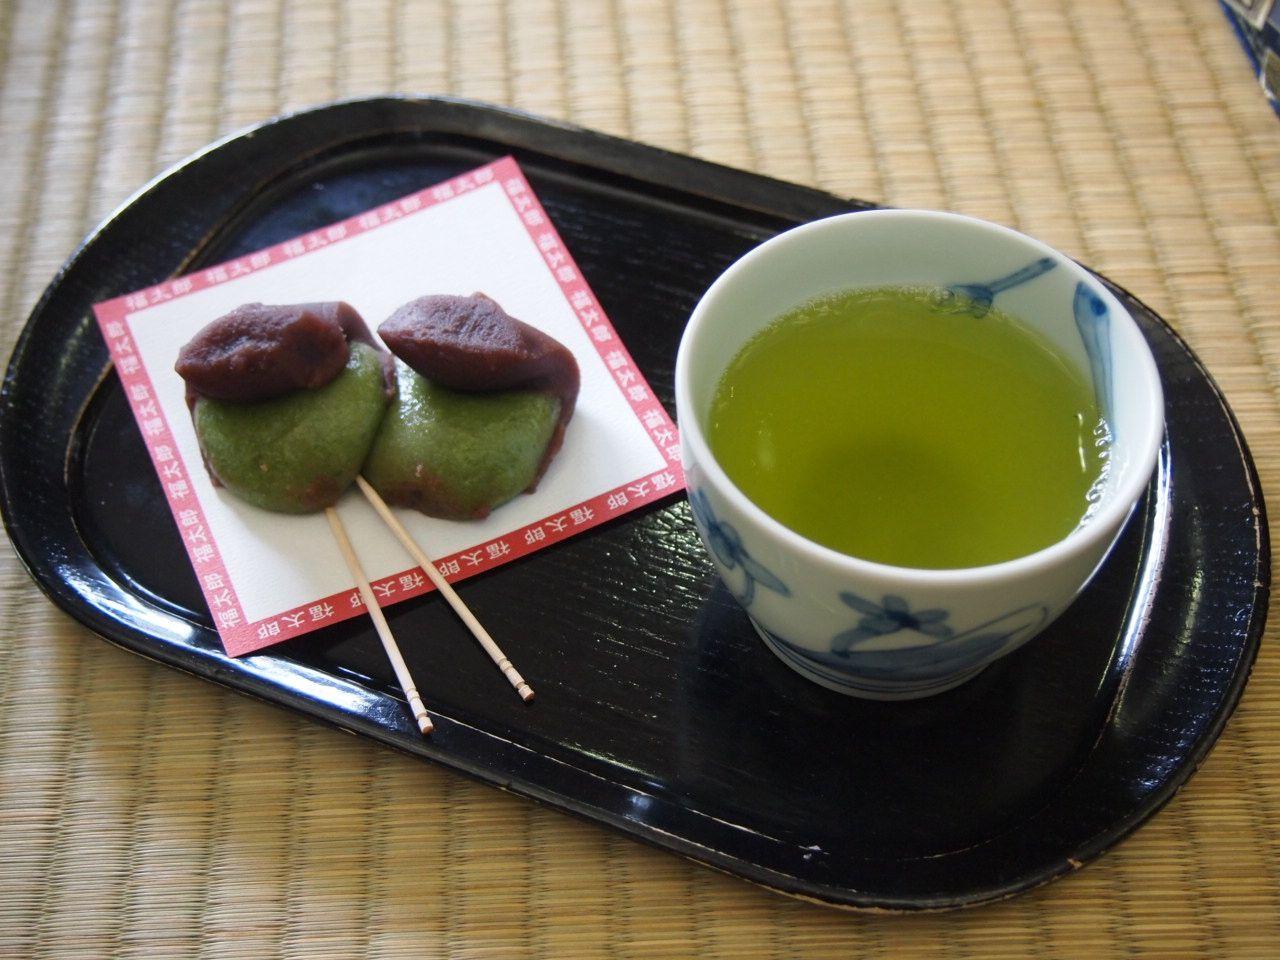 お土産は・・・福を招く縁起餅の「福太郎餅」で決まり!